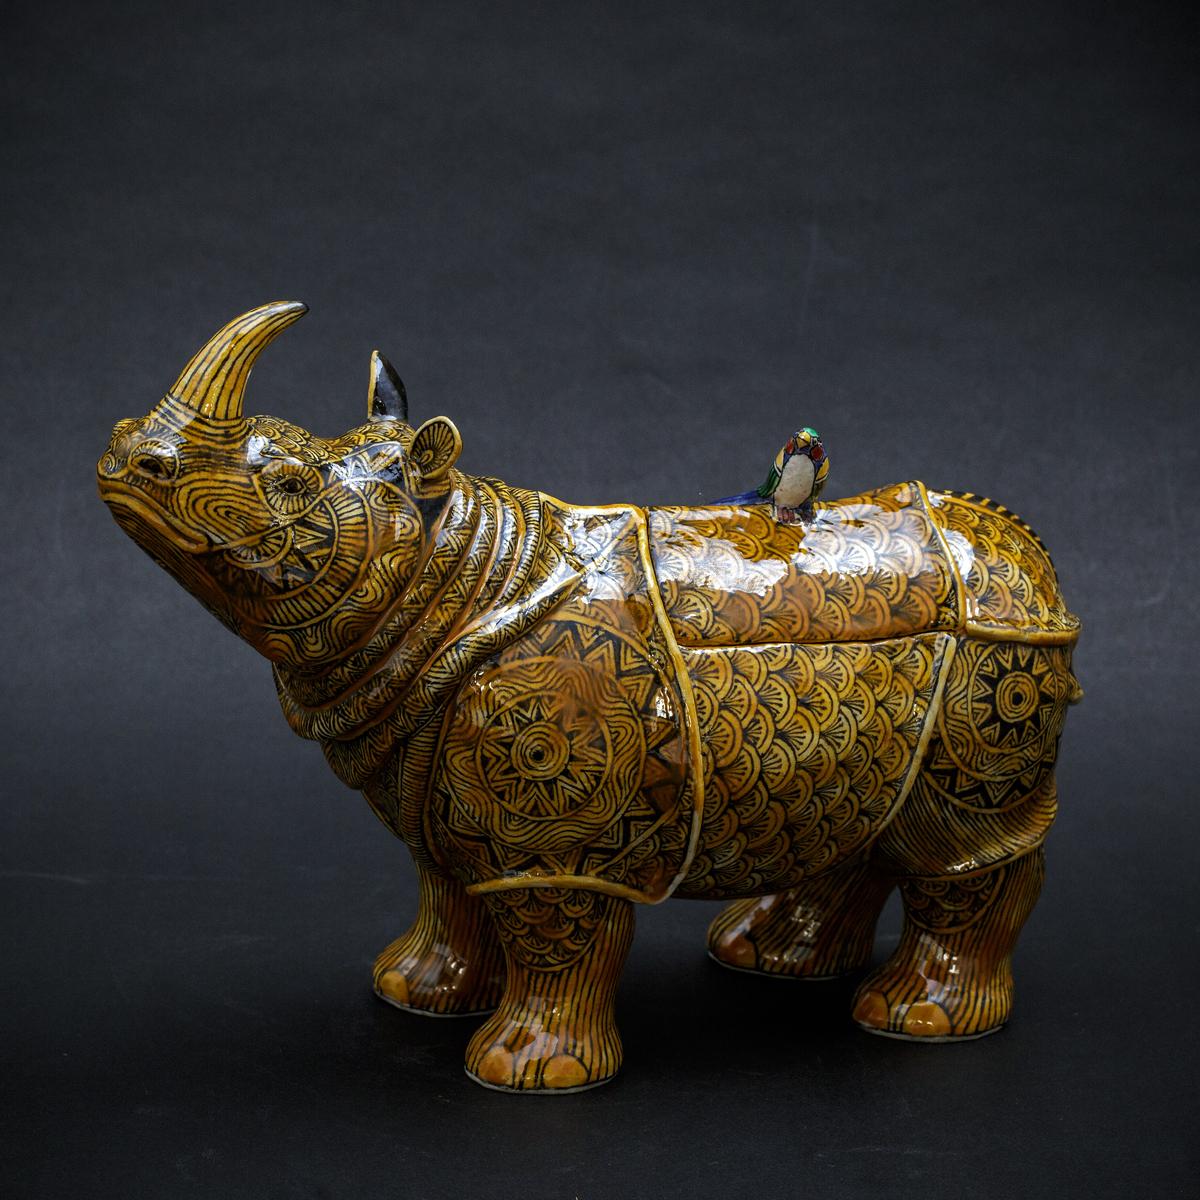 Yellow Rhino by Kensuke Fujiyoshi